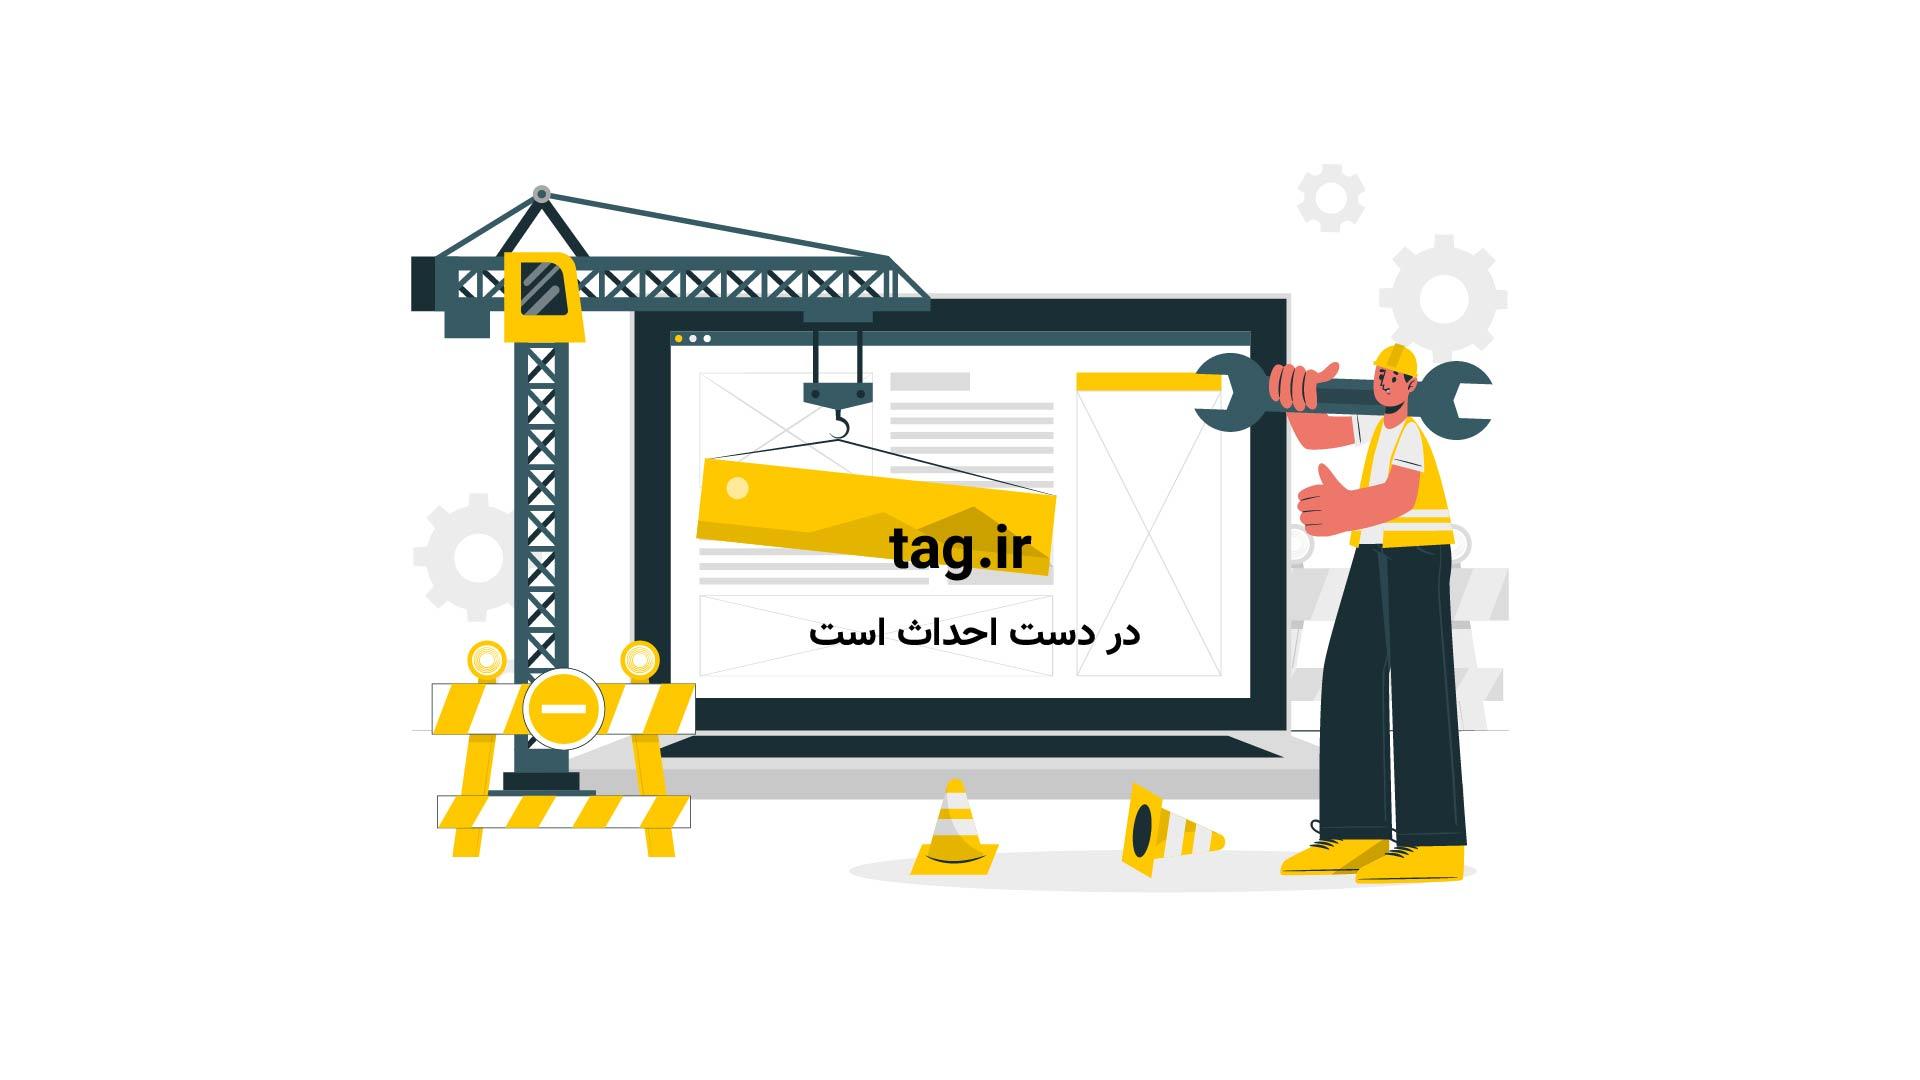 رفع سیاهی دور چشم | تگ